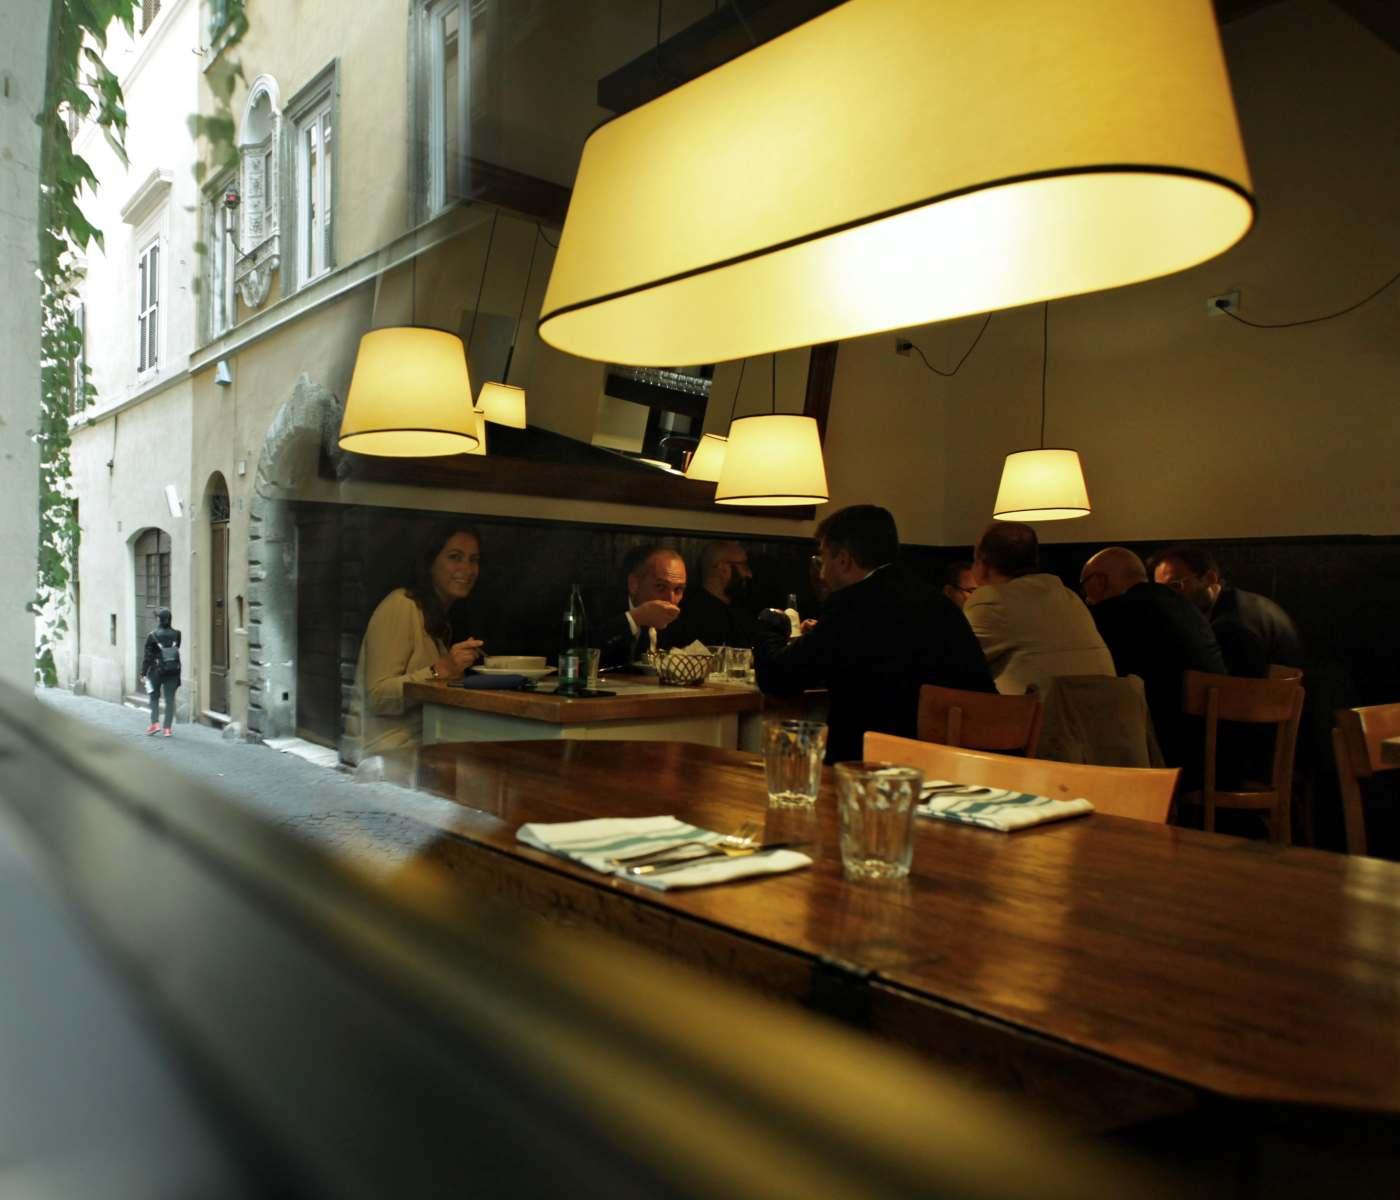 tavoli interni con clienti che mangiano seduti, visti dall'esterno del locale